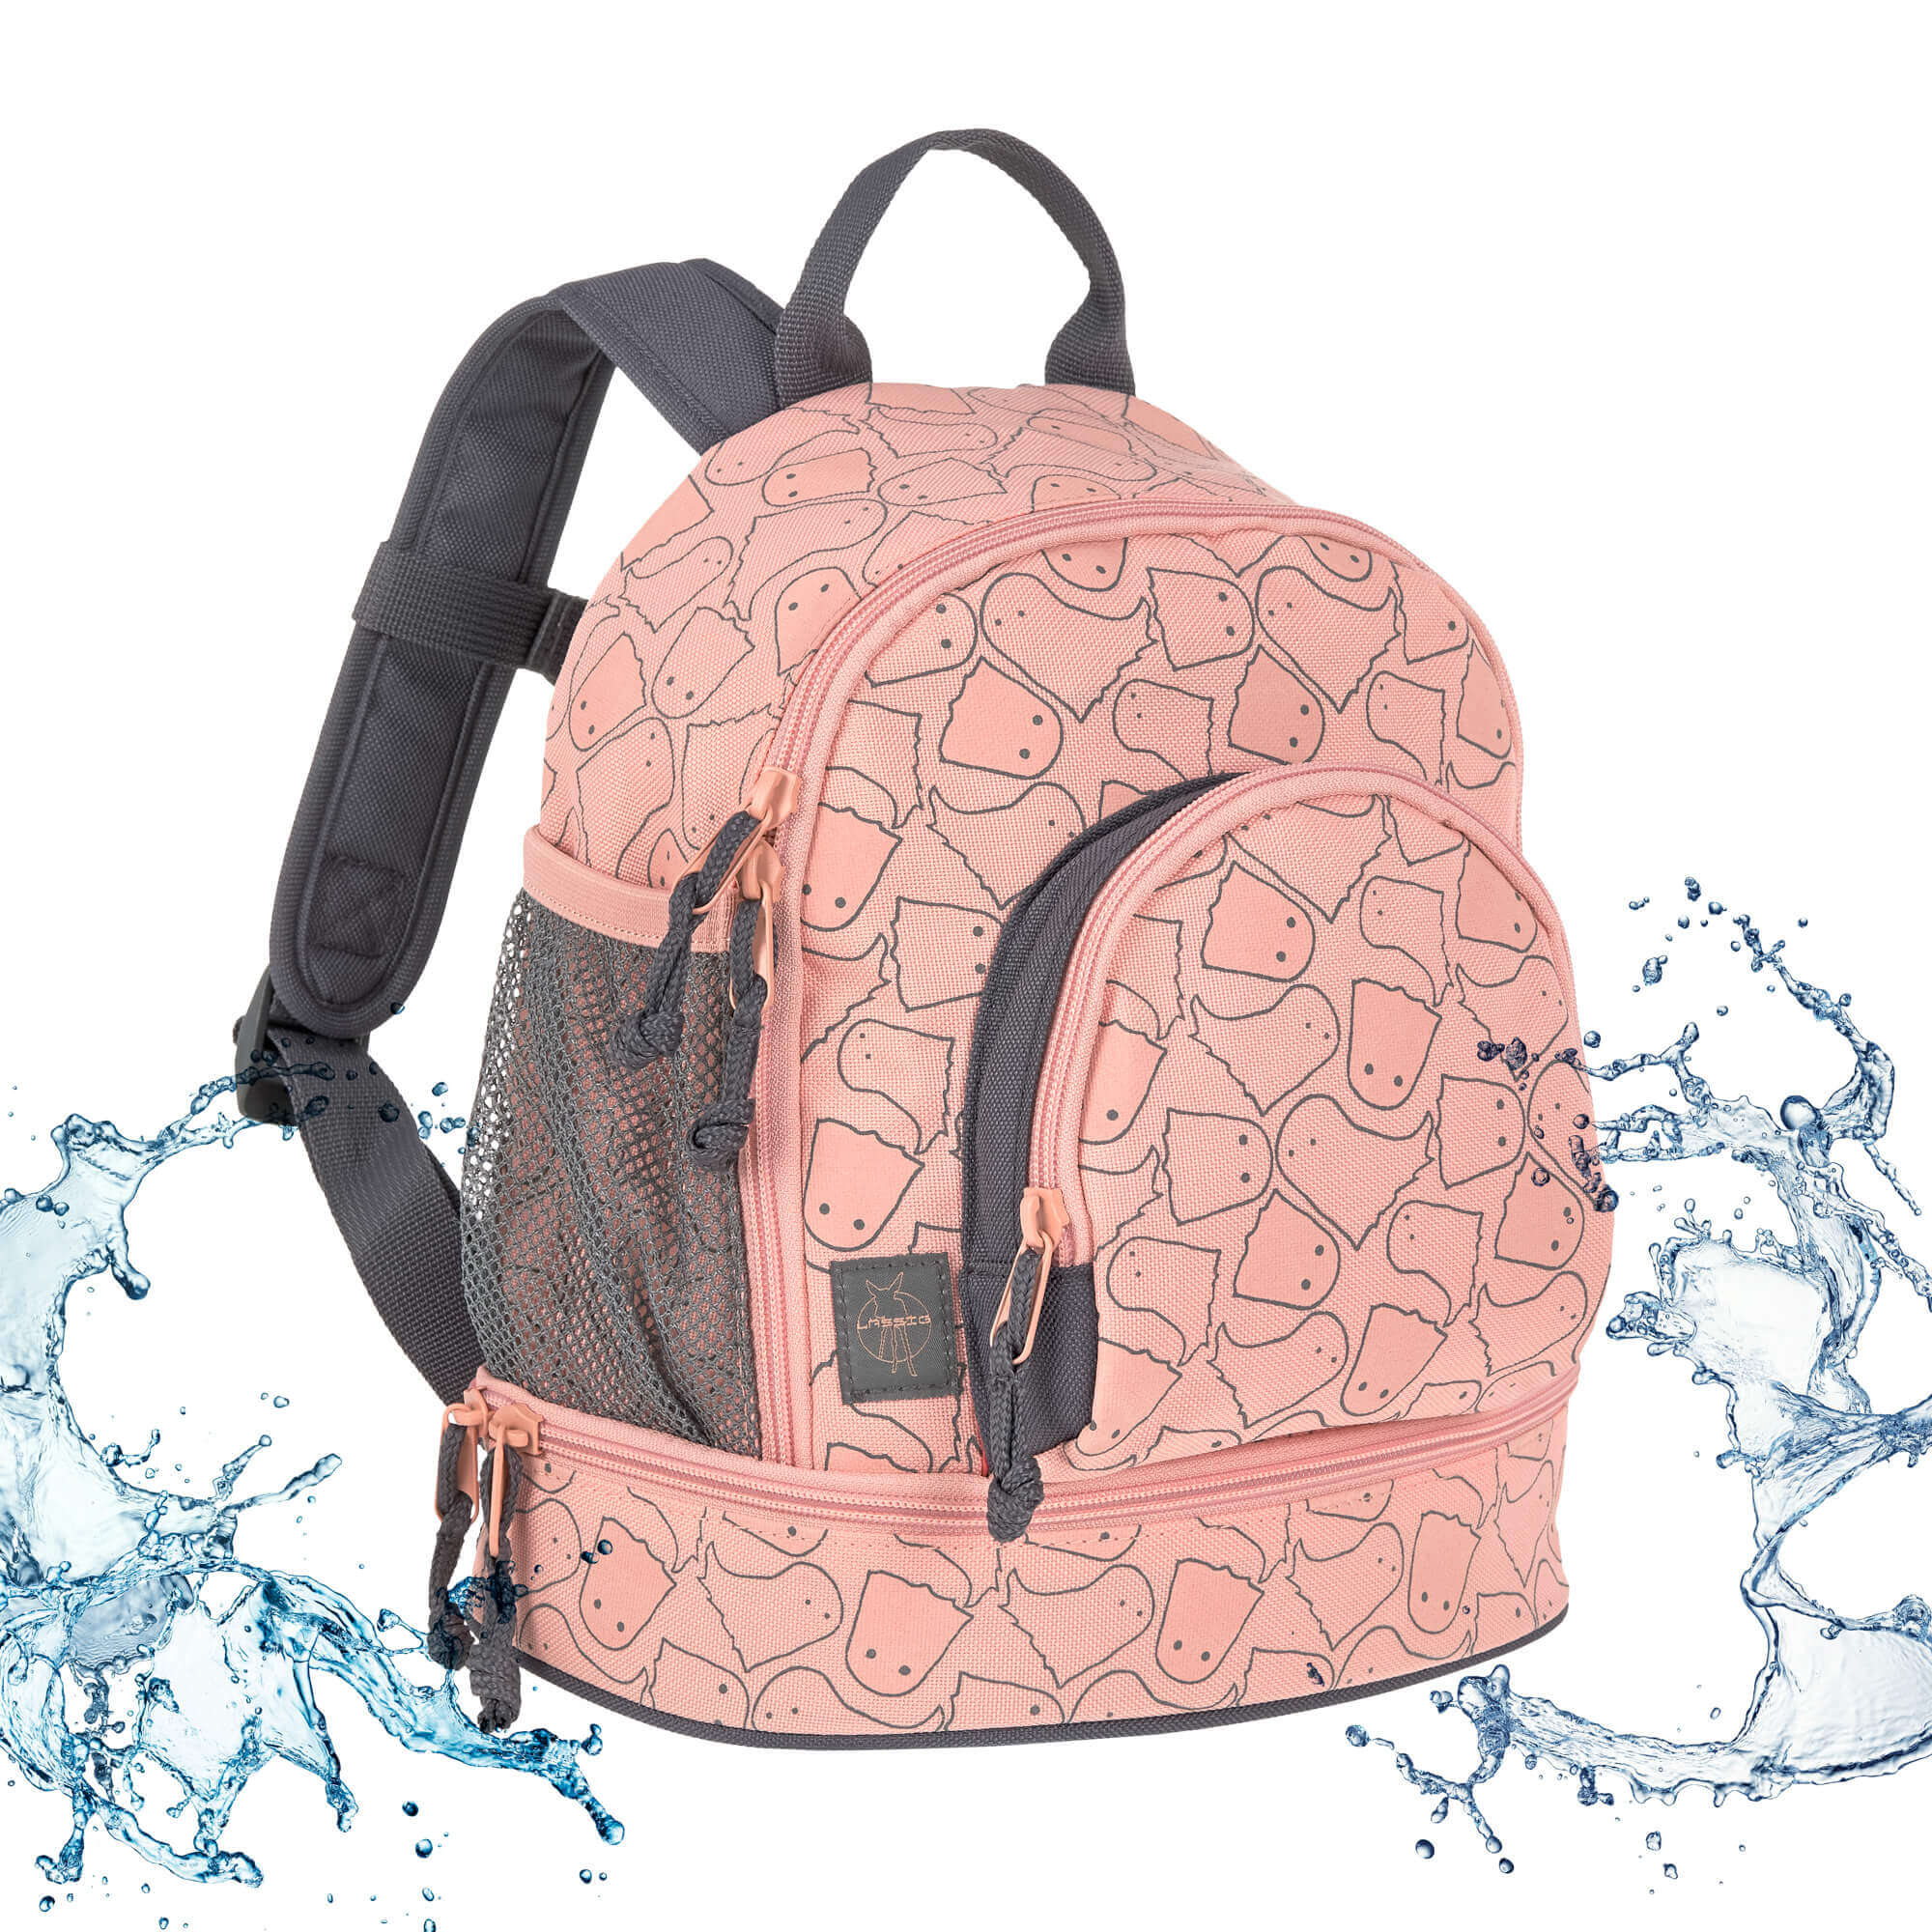 Les sacs à dos Lässig : modèles pour les touts petits | Mon